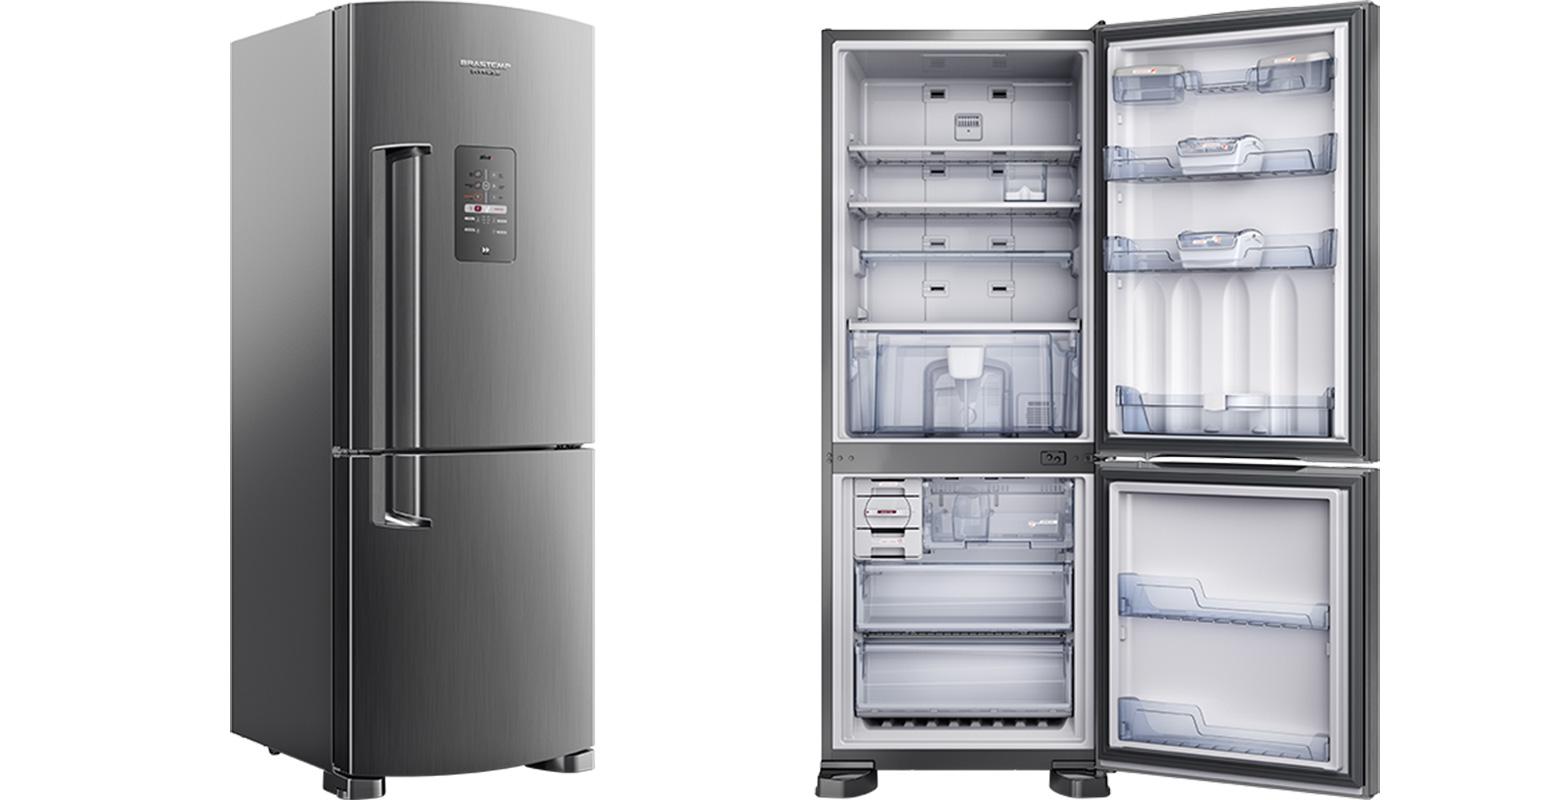 Refrigerador Brastemp Inverse Bre50 422 Litros Space Eletro